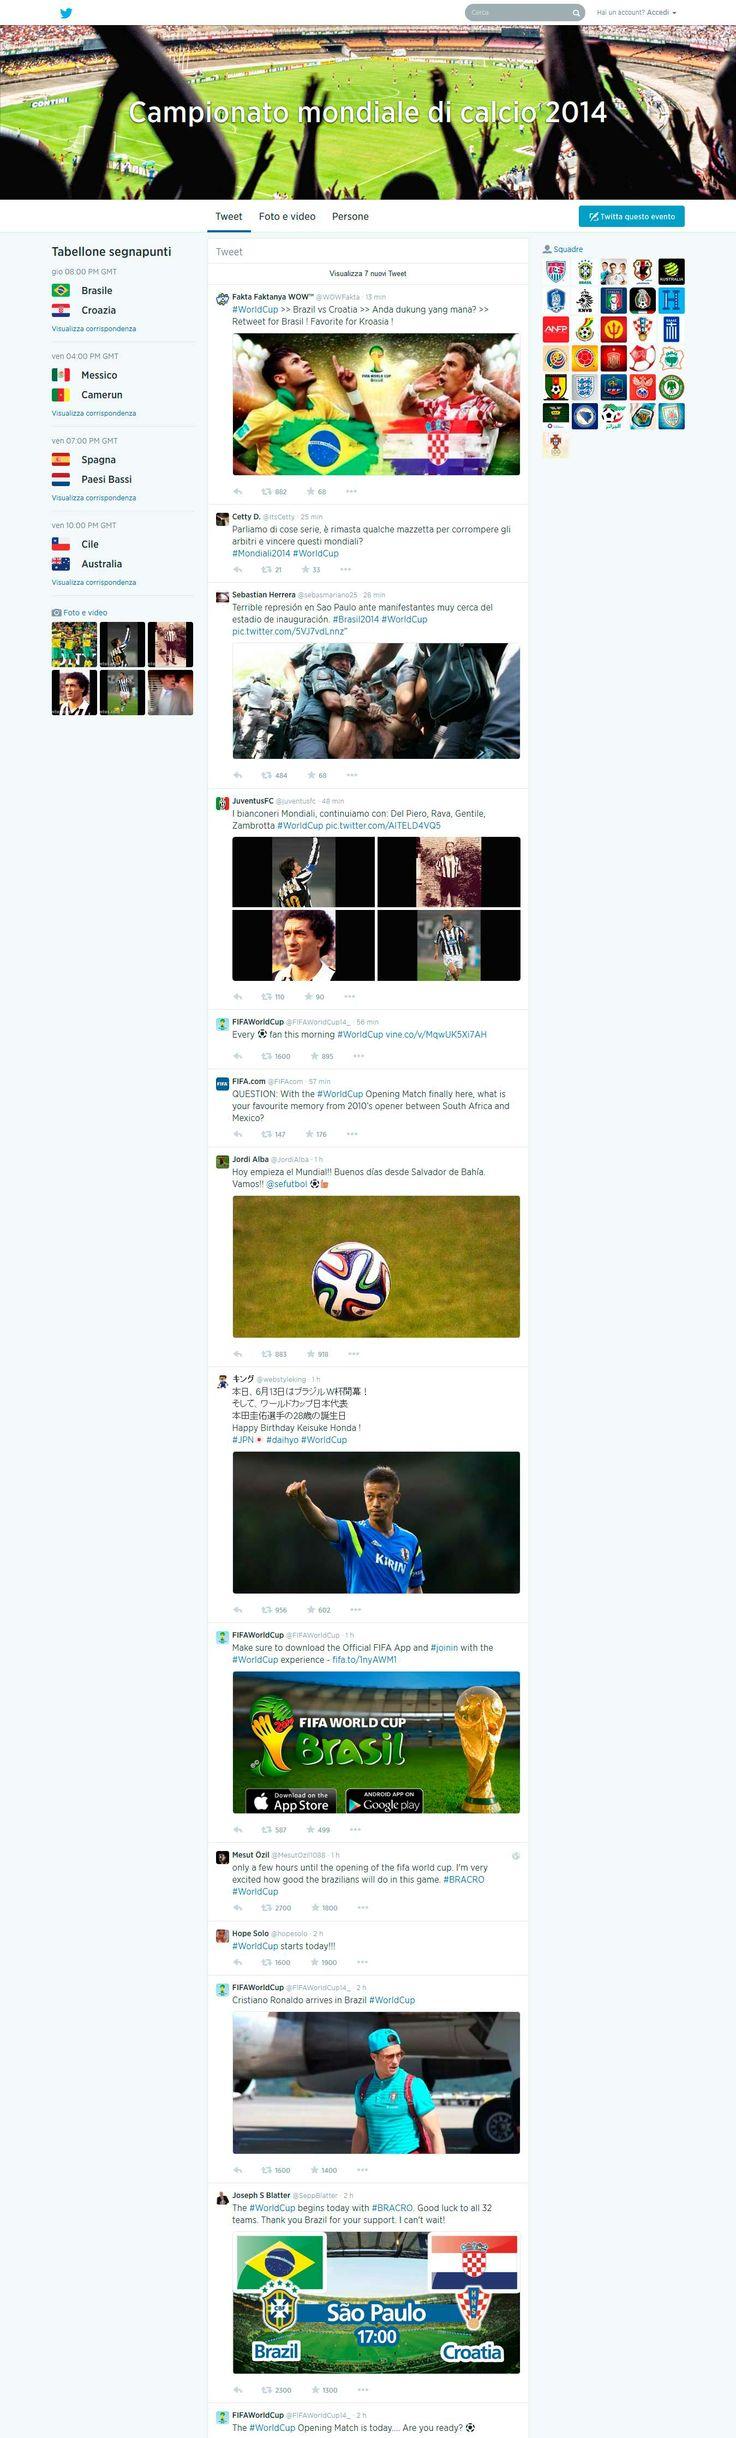 Twitter ha attivato hashtag pages localizzate per seguire i mondiali in diretta, con il tabellone segnapunti e la lista di tutte le partite giorno per giorno https://twitter.com/hashtag/WorldCup